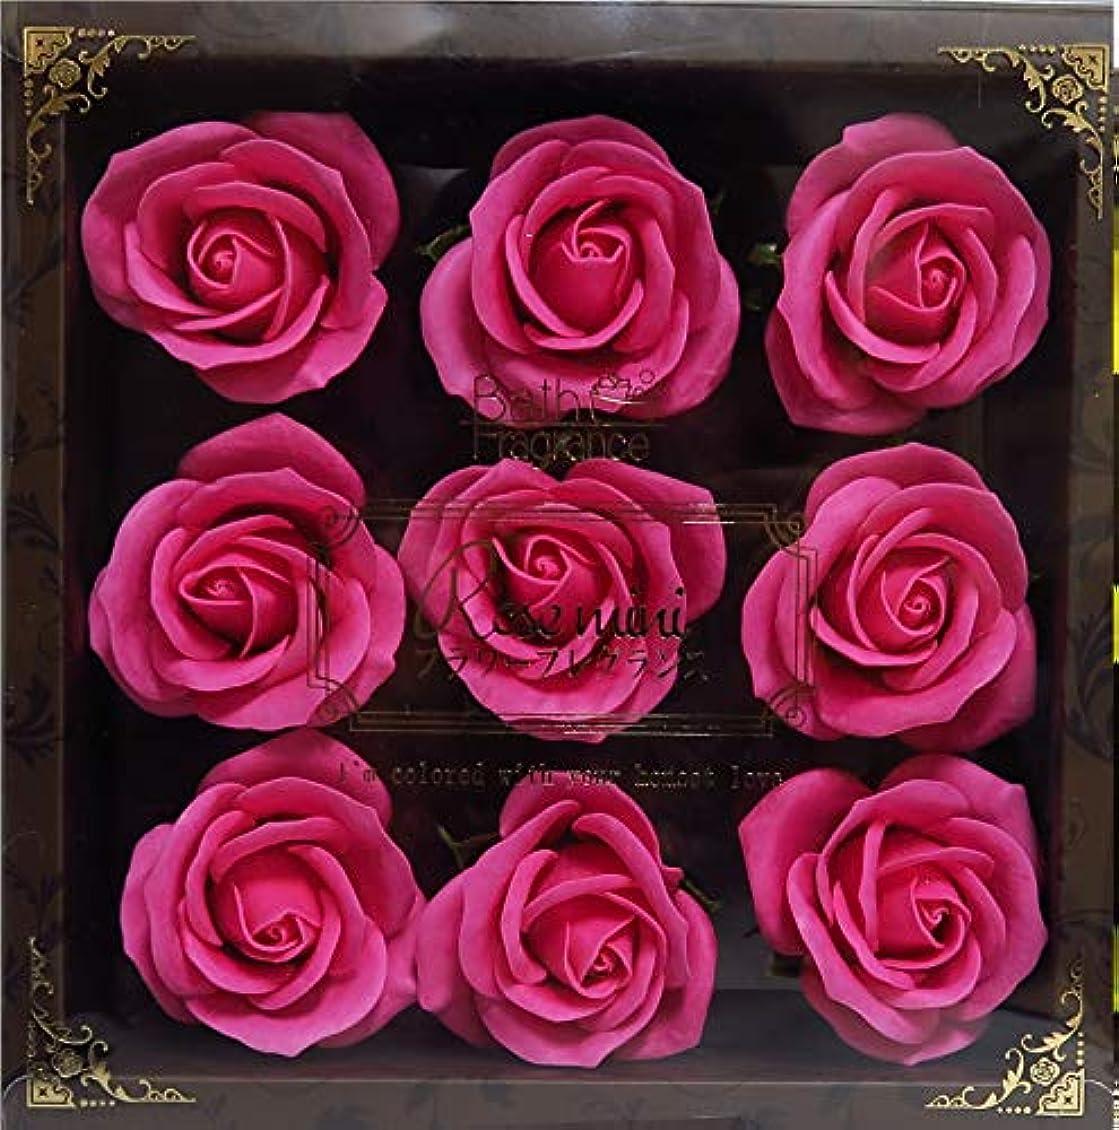 いじめっ子性能変色するバスフレグランス バスフラワー ミニローズフレグランス(L)ローズピンク お花の形の入浴剤